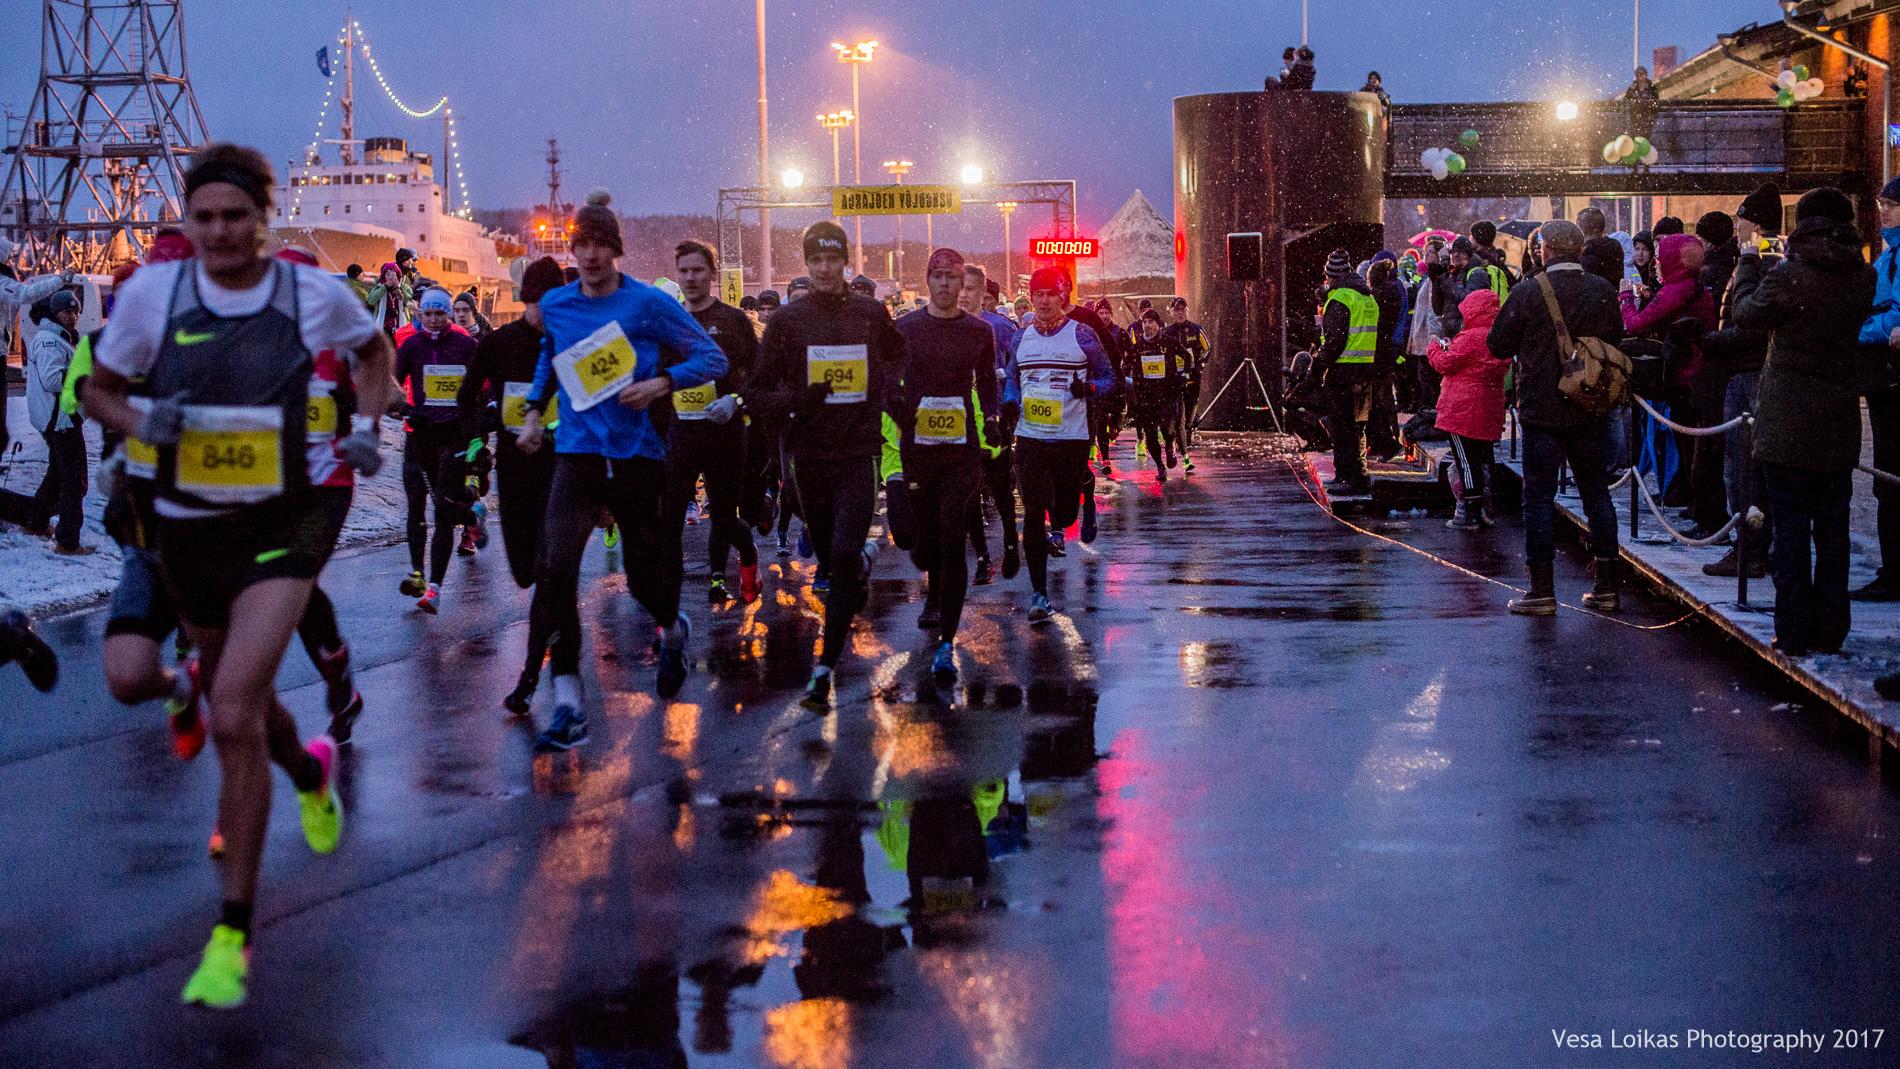 700 juoksijaa matkalla | 700 runners on their way